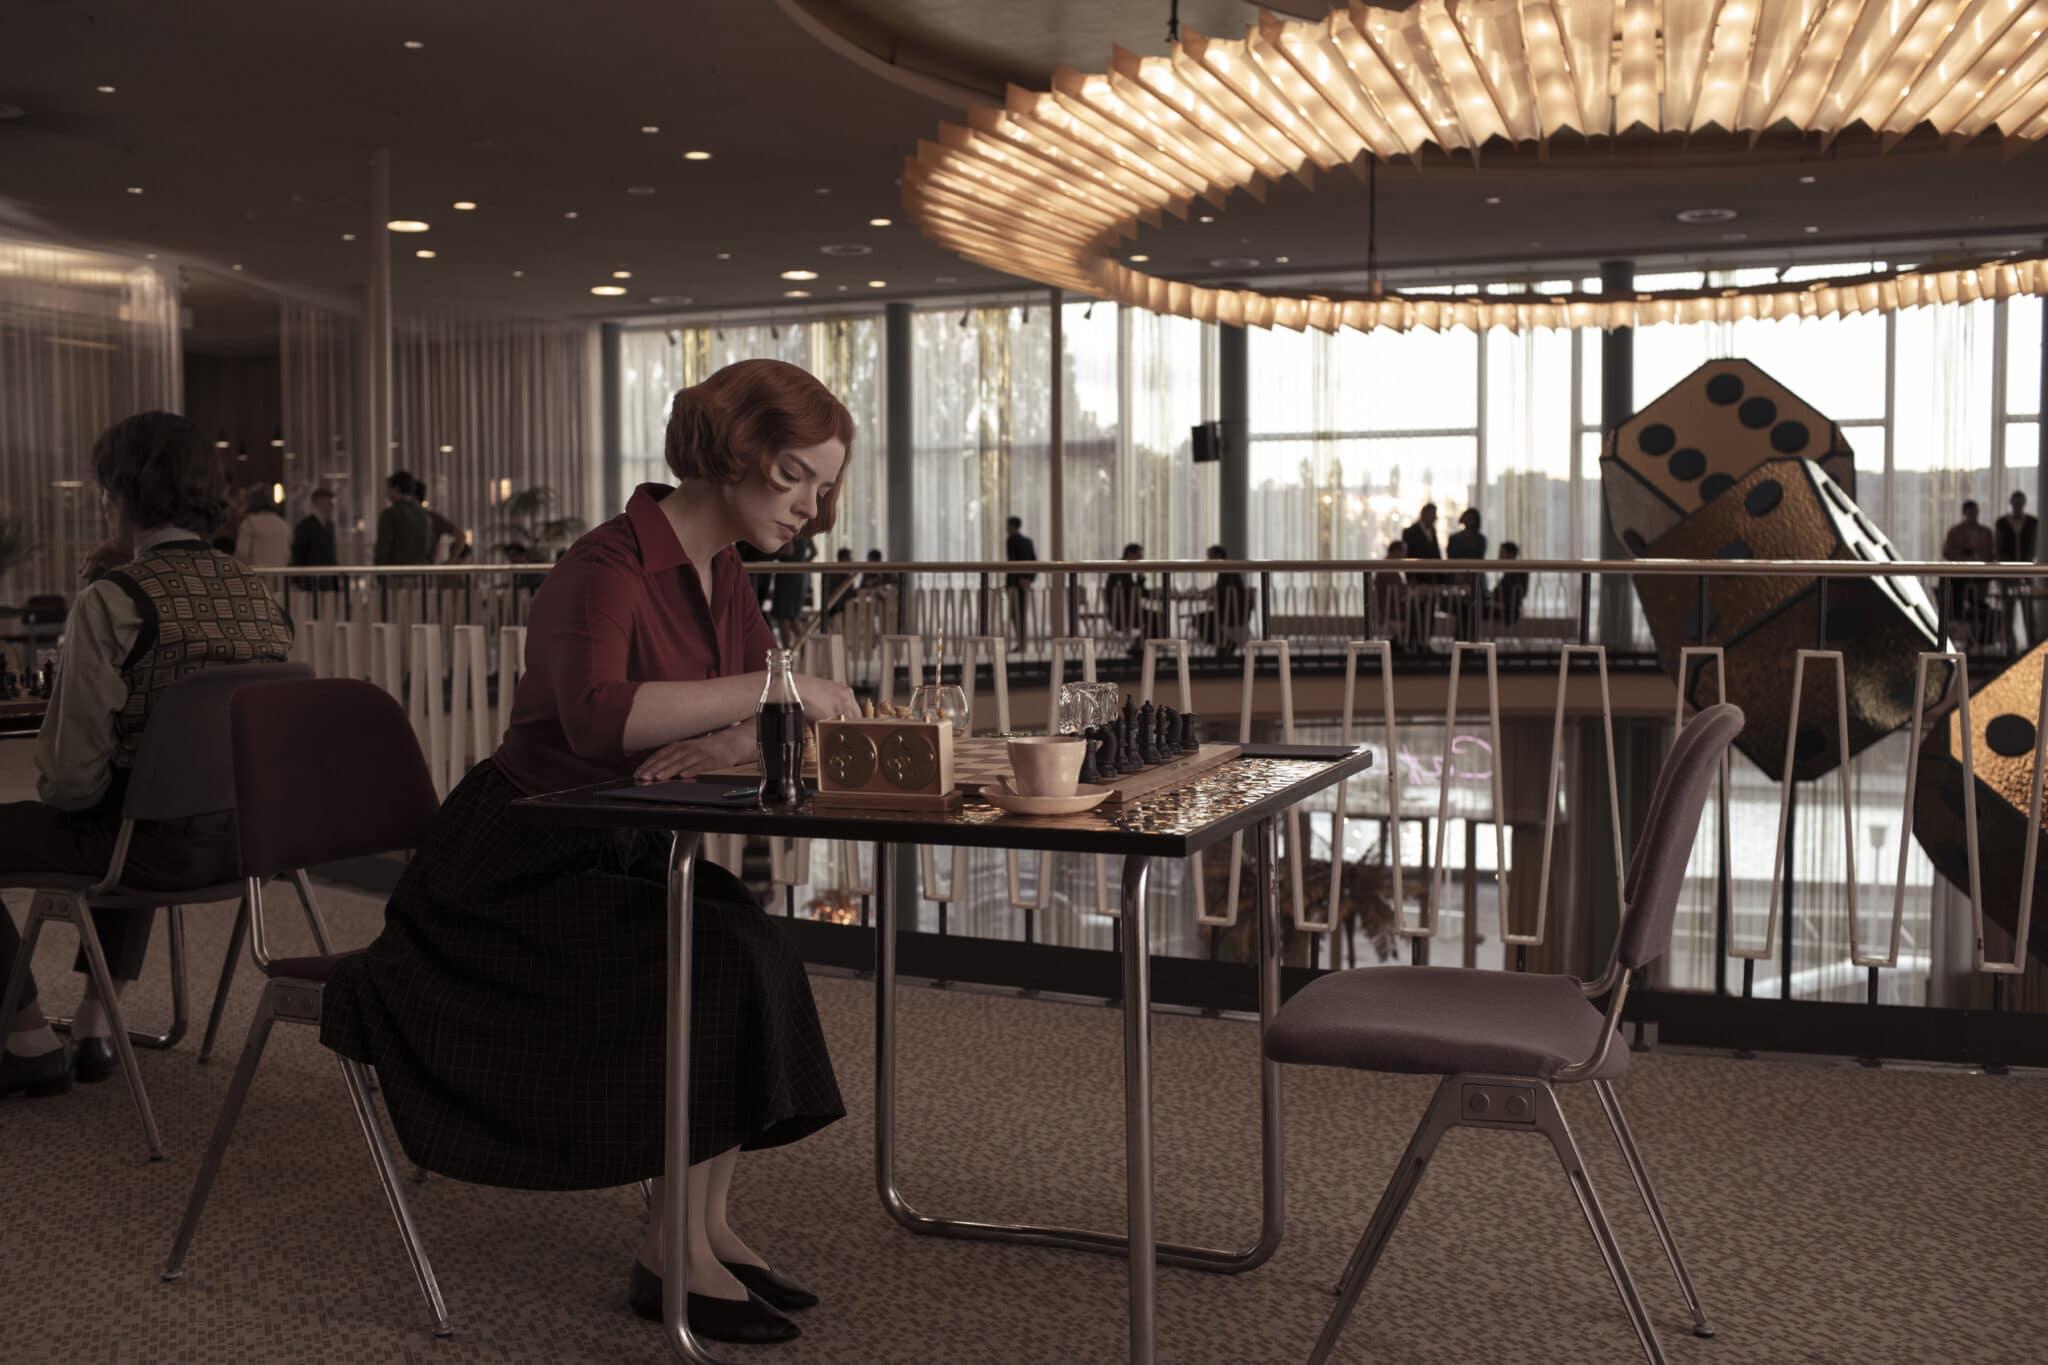 Beth (Anya Taylor-Joy) studiert allein an einem Schachtisch ihr Spiel. im Hintergrund im Foyer sieht man eine große Deckenlampe, große Zierwürfel und einige schemenhafte Personen an Tischen.